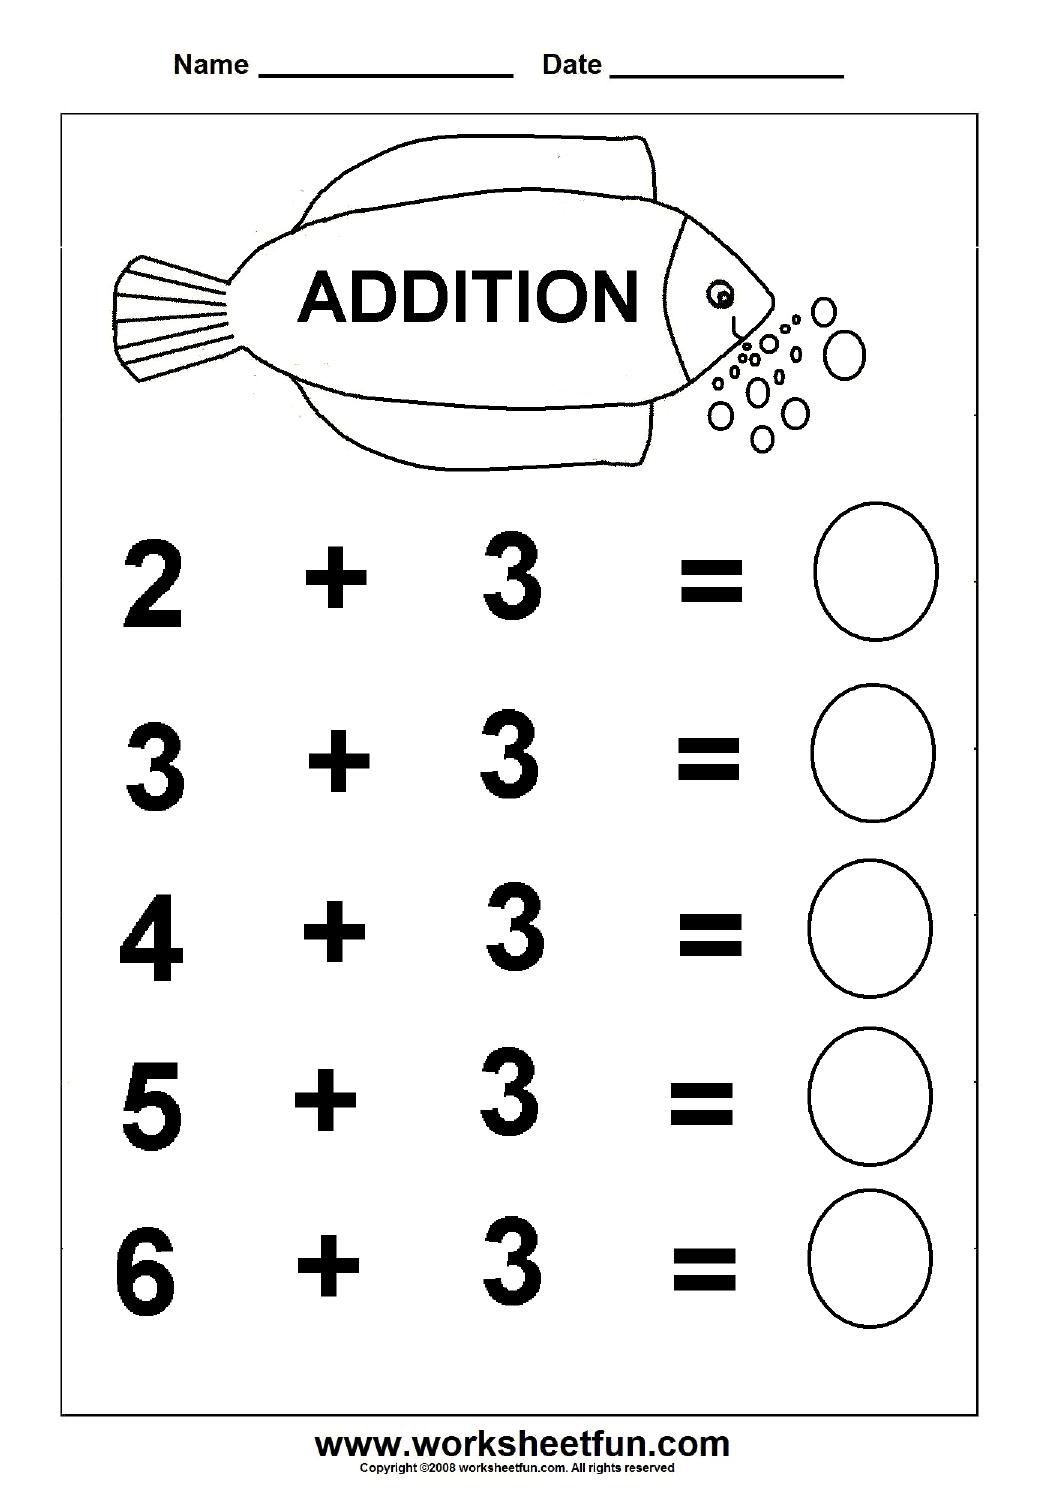 Free Printable Math Addition Worksheets For Kindergarten 1438700